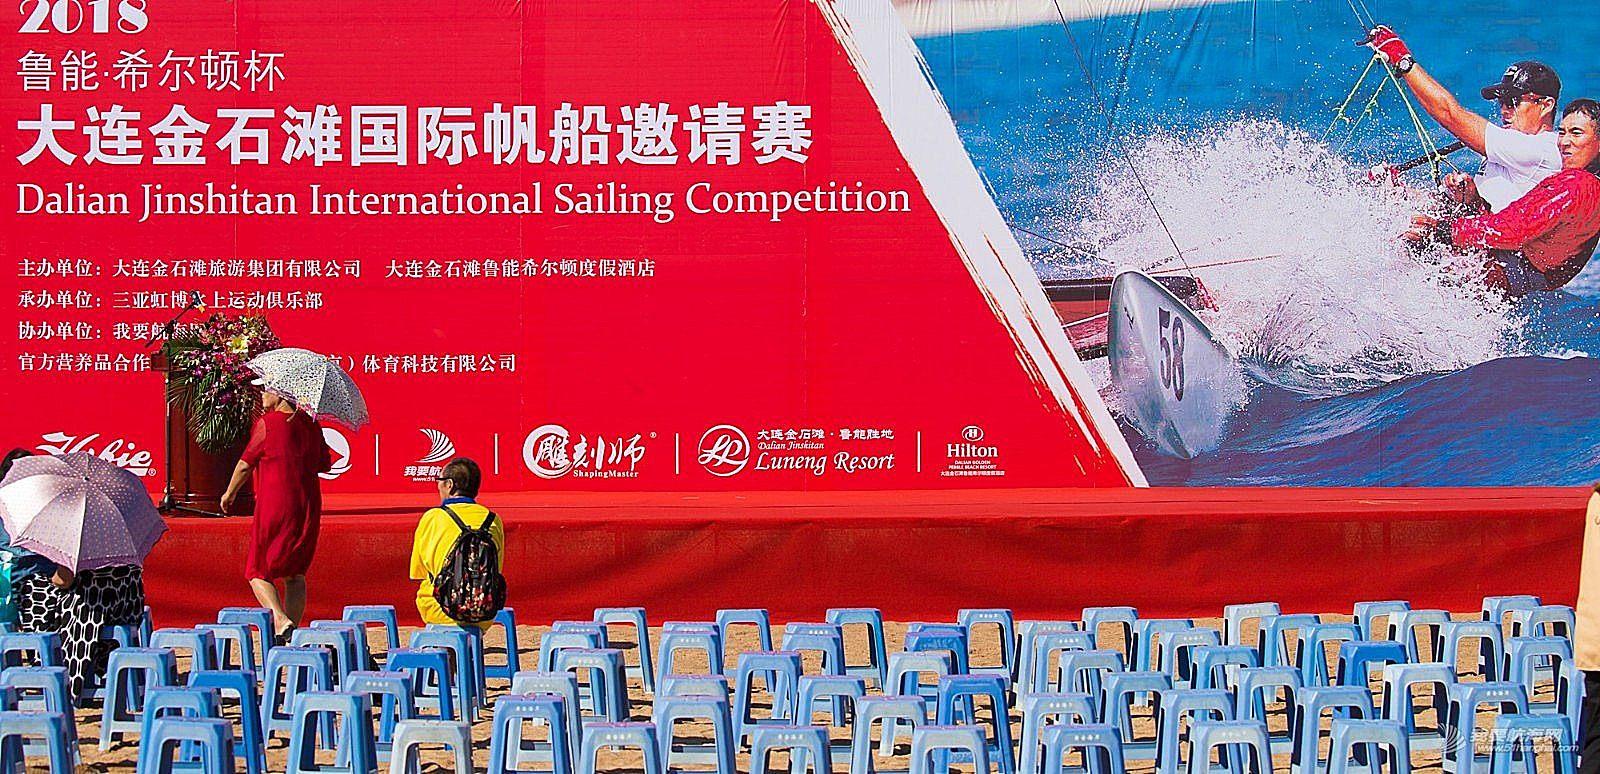 2018鲁能.希尔顿杯大连金石滩国际帆船邀请赛汇总贴